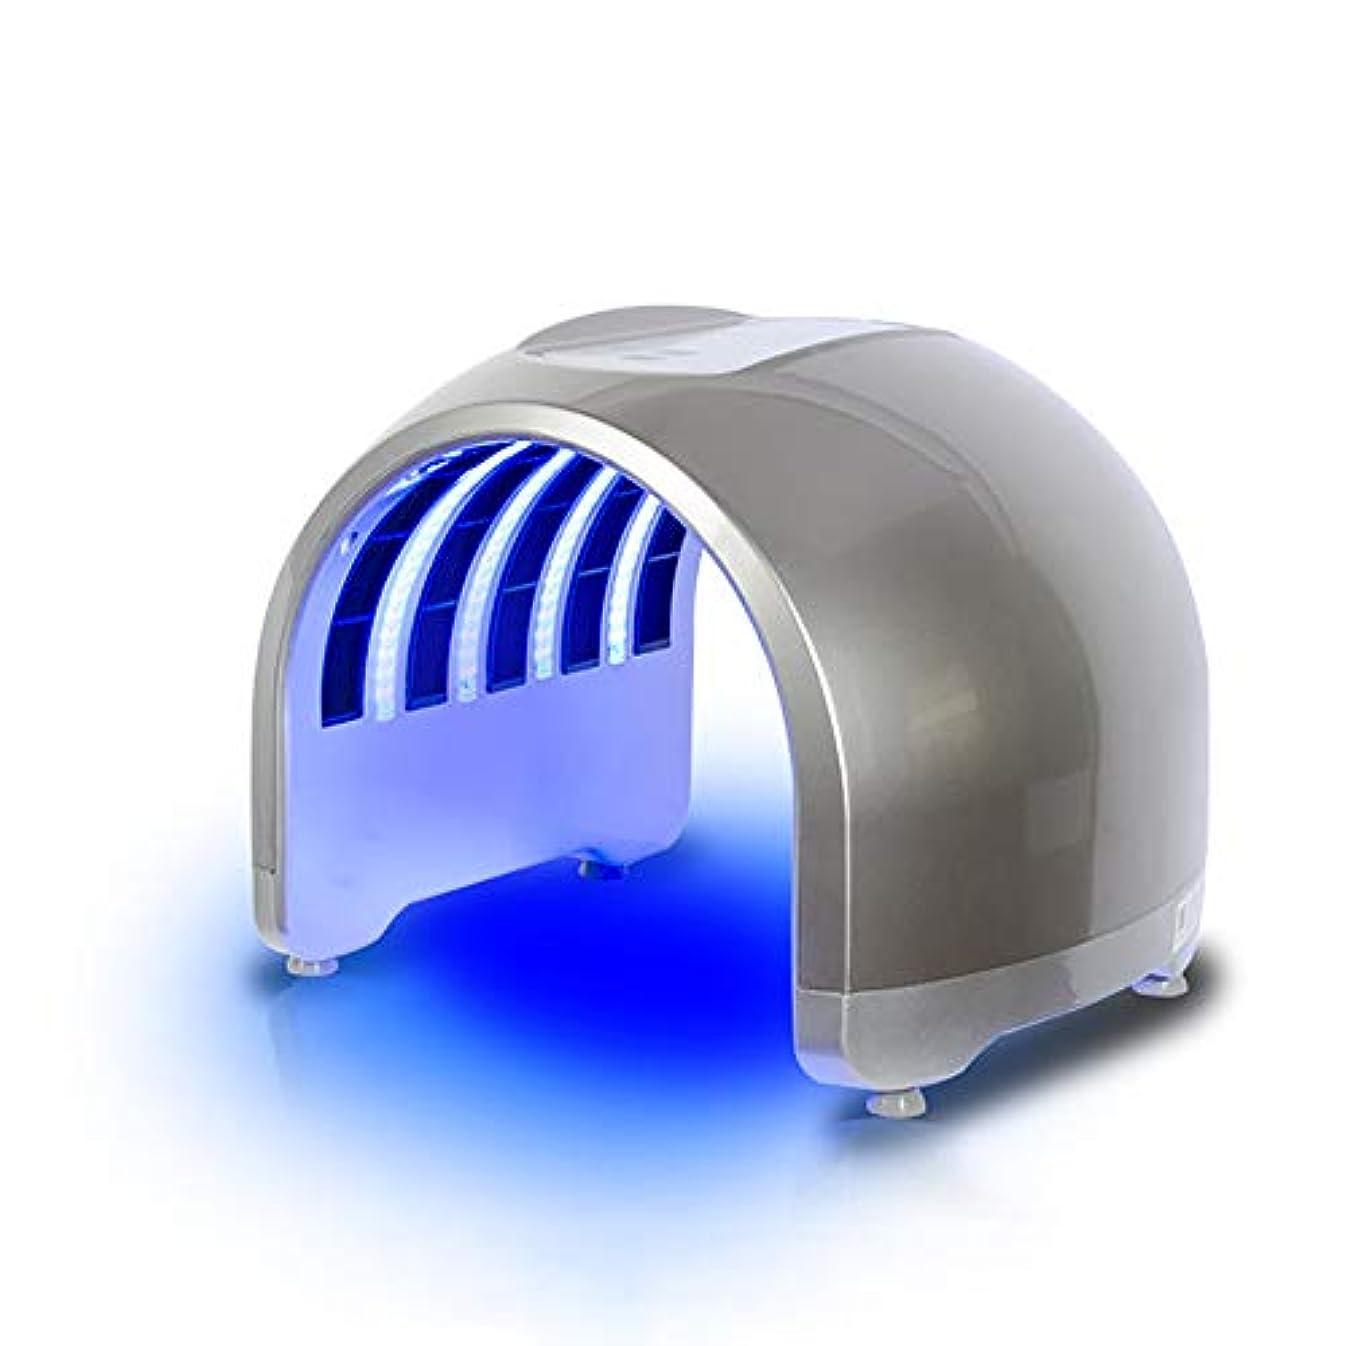 対角線浮浪者独特の7色ledフェイシャルマスク、ポータブルにきび治療しわ除去アンチエイジング肌の若返りスキンケア美容機